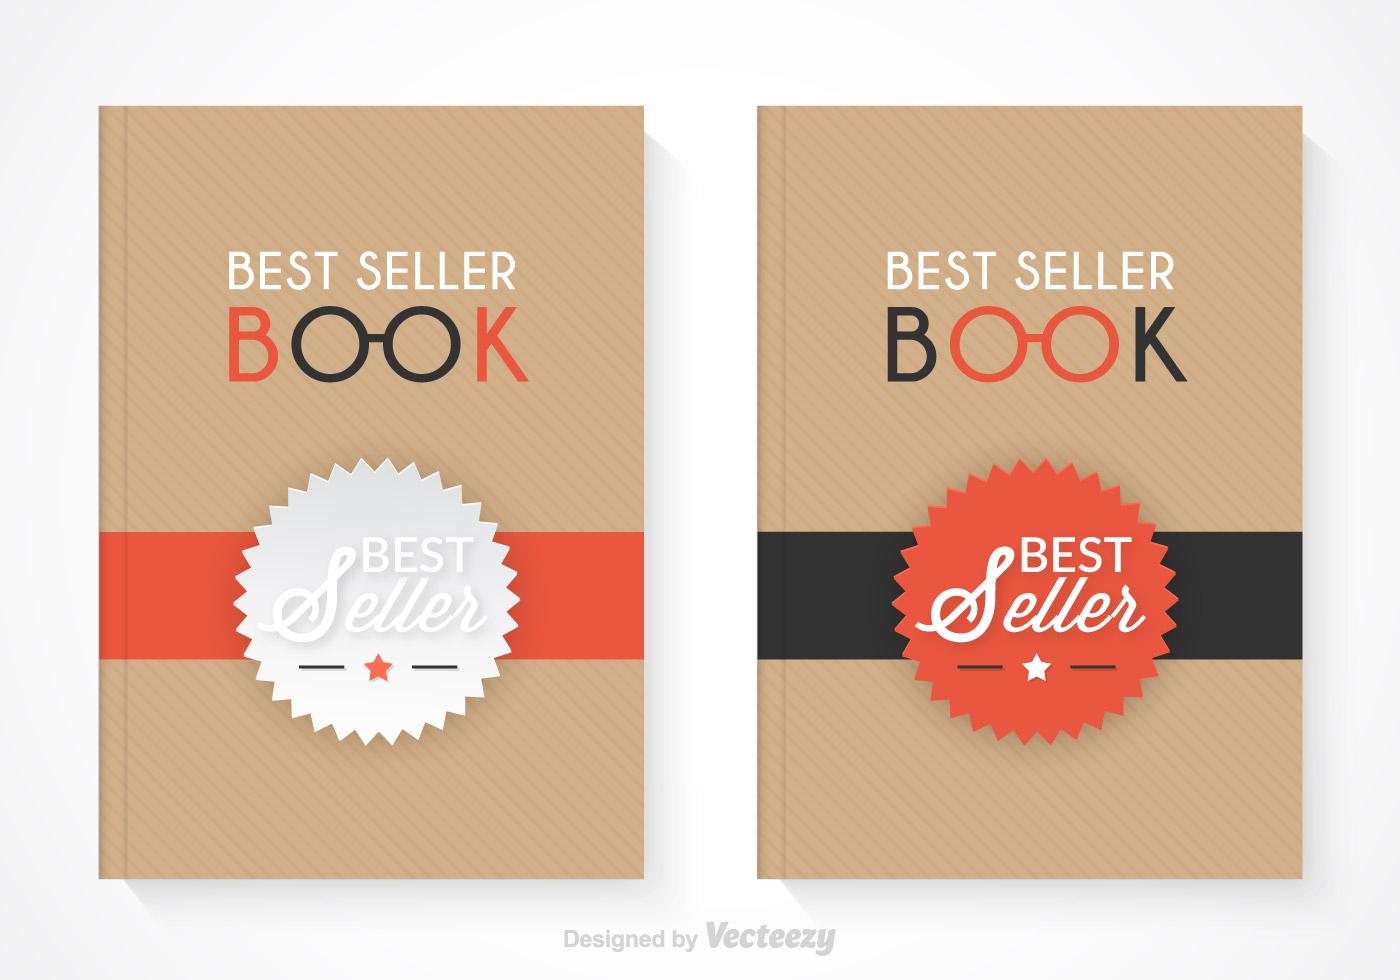 Best Book Cover Vector : Best seller book vector download free art stock